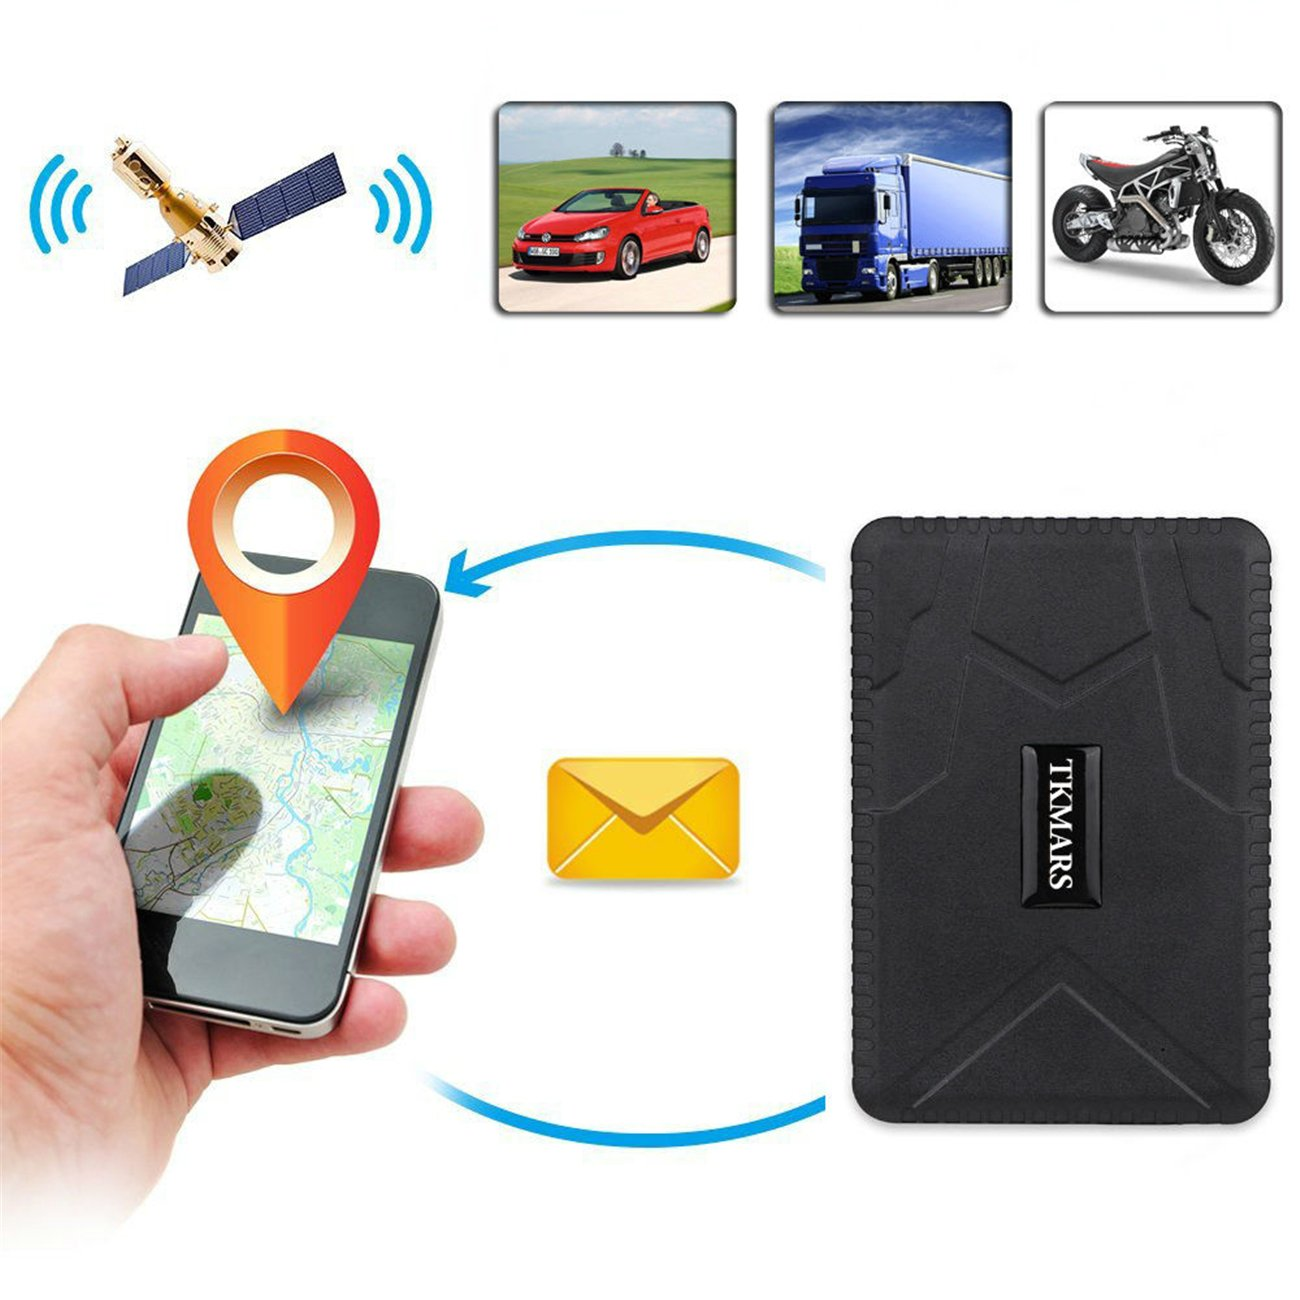 Kostenlose APP f/ür Smartphone Hangang GPS-Tracker f/ür Fahrzeuge GPS Locator Wasserdichter Echtzeit-Diebstahlsicherungs-Tracker 3 Monate Lang Standby mit starkem Magnet Keine Installation